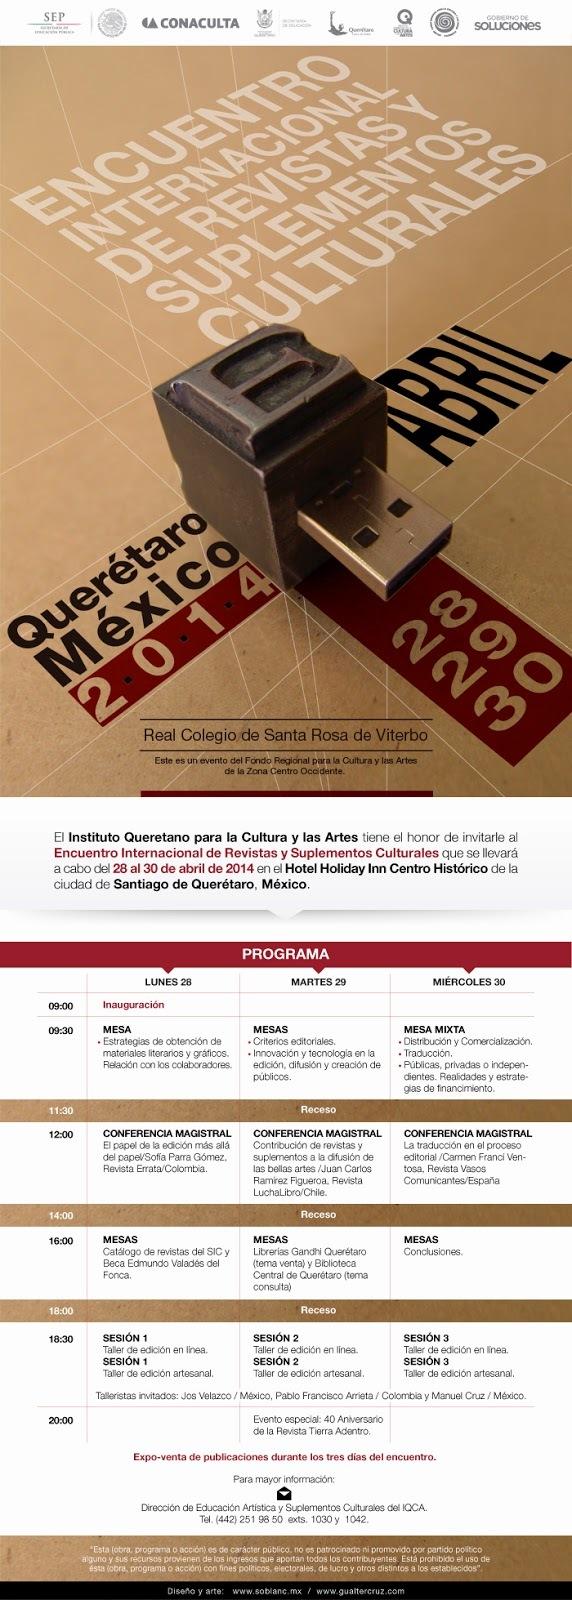 Encuentro Internacional de Revistas y Suplementos Culturales Querétaro 2014